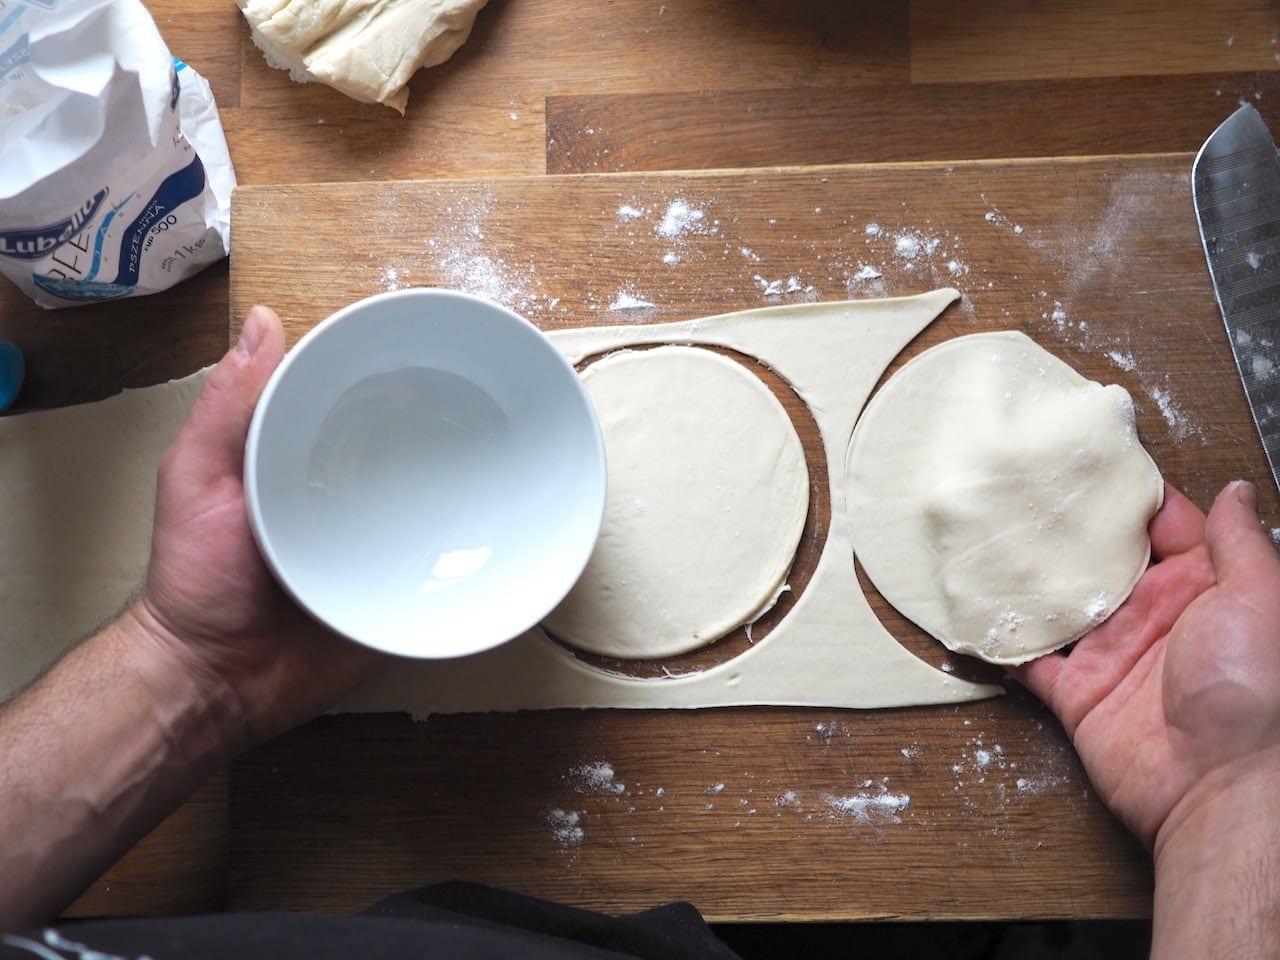 jak skleić chinkali